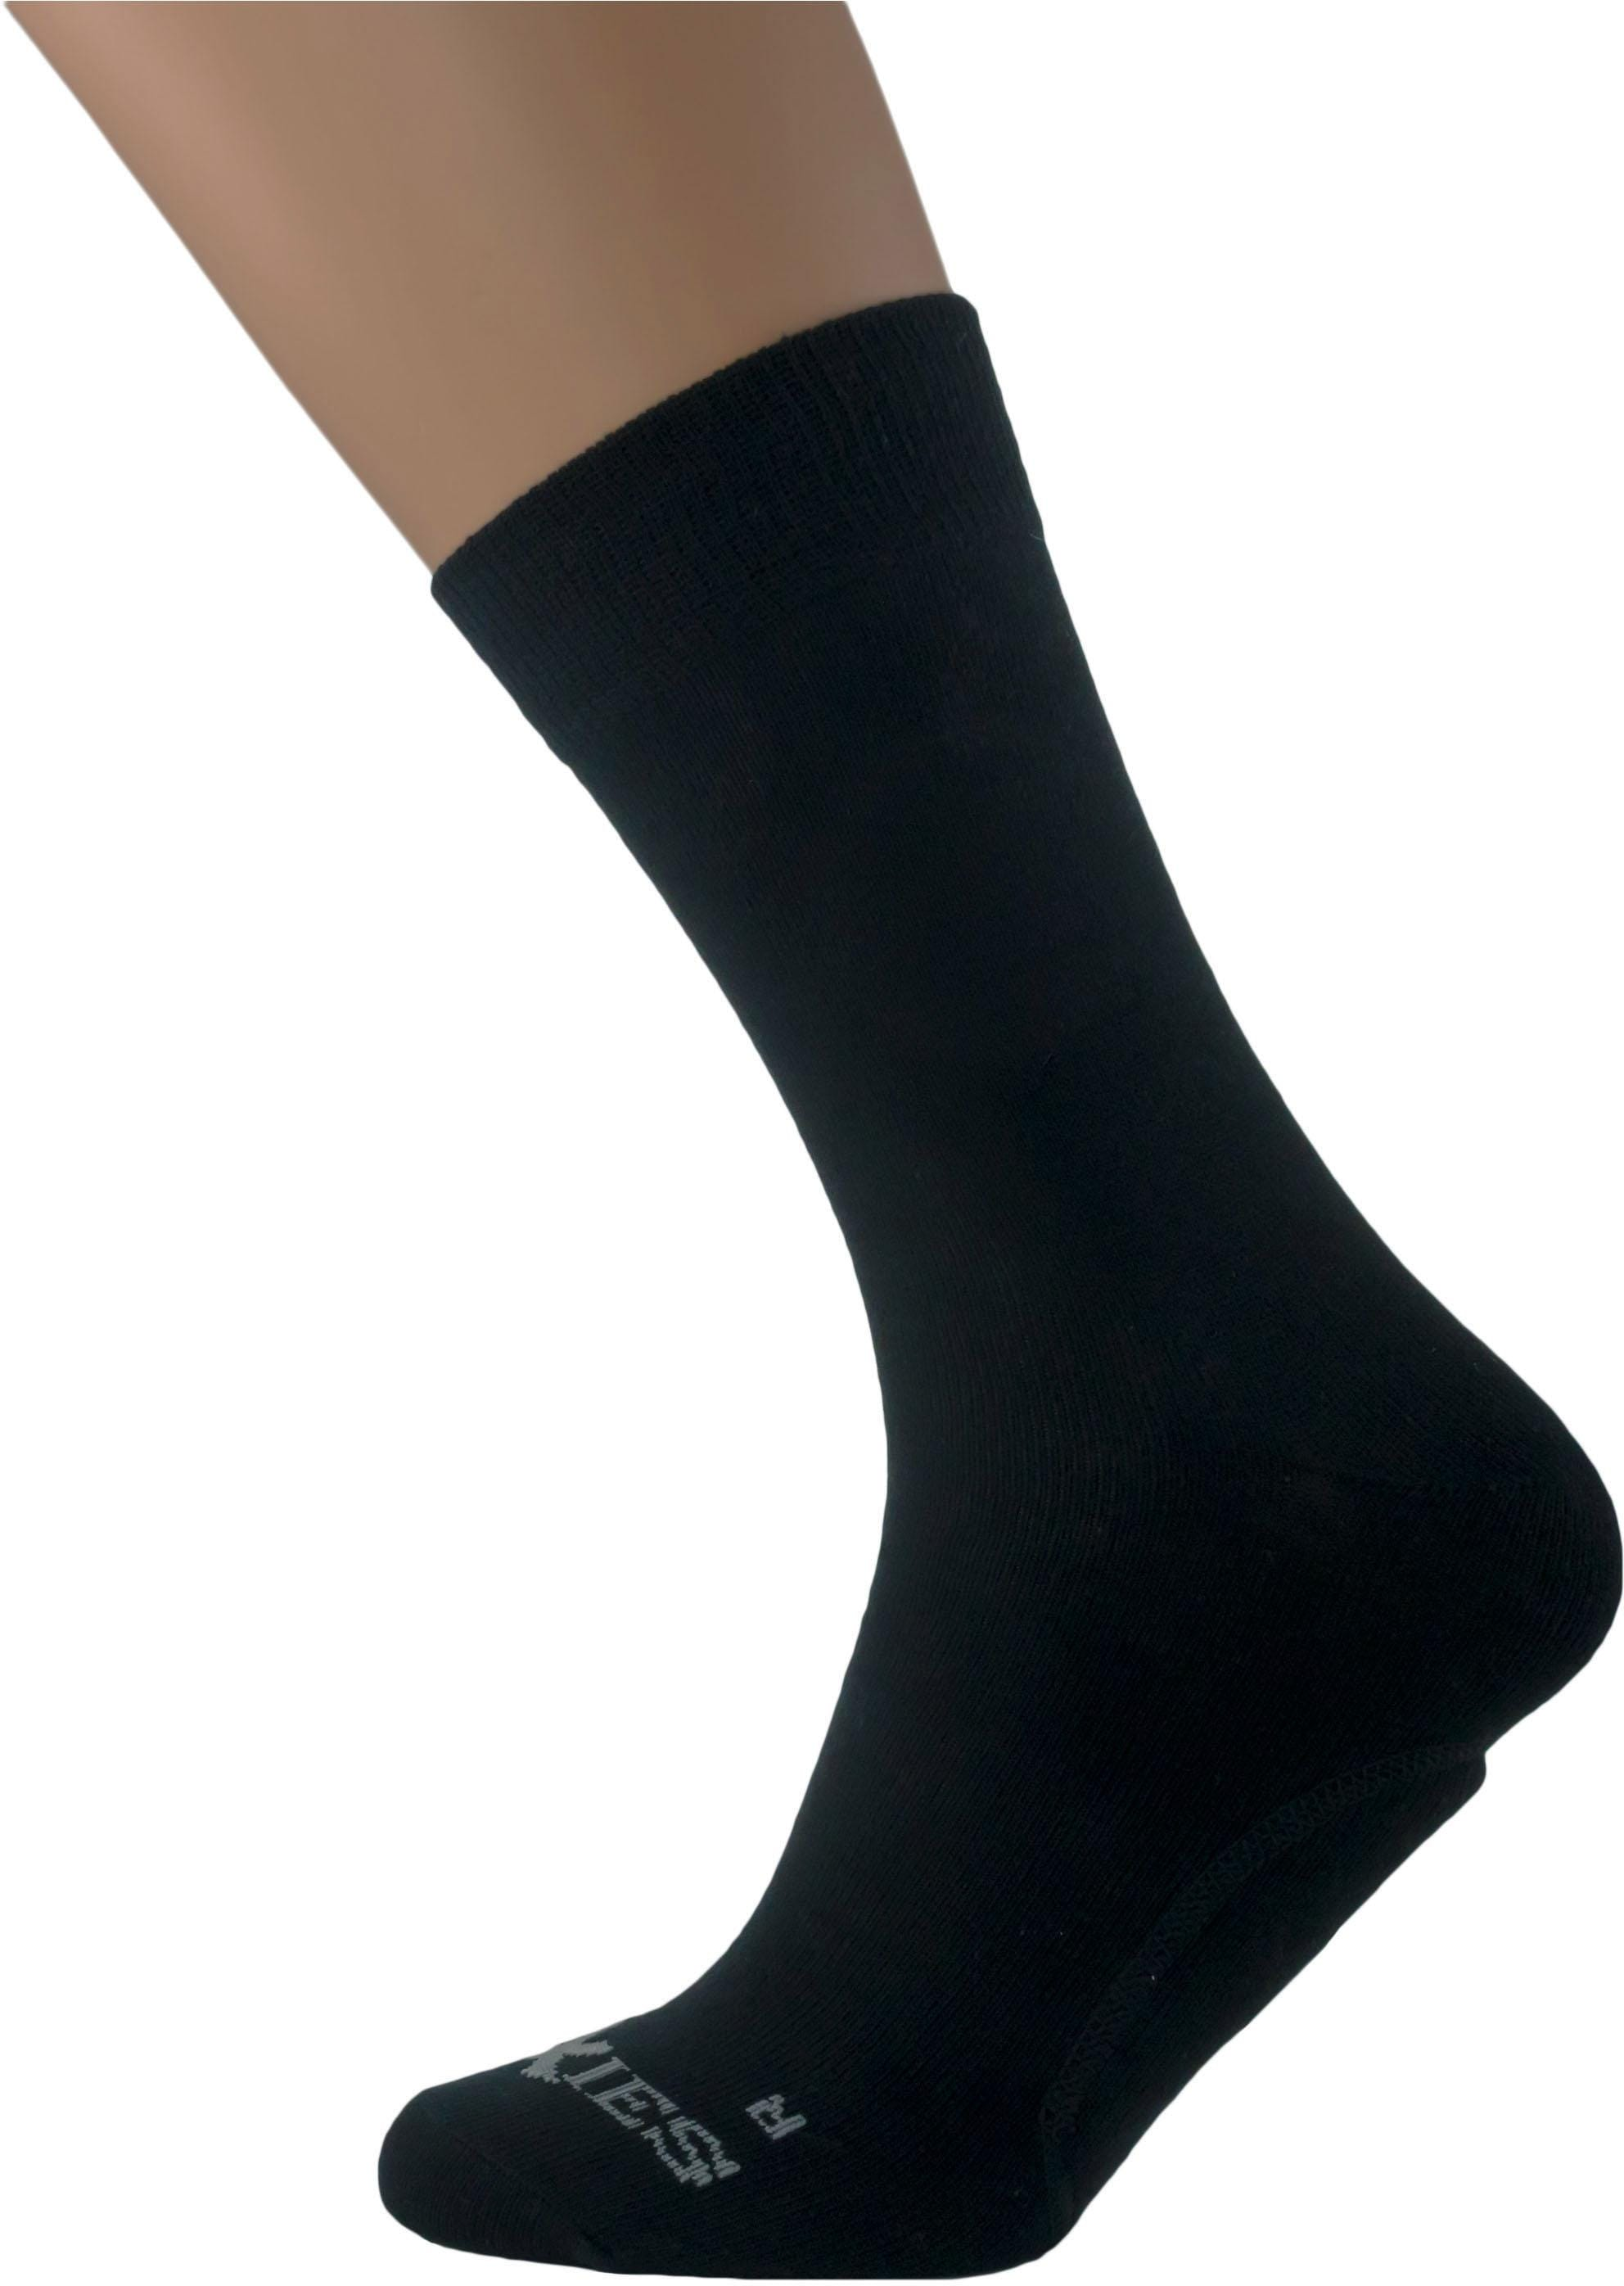 SoXies Socke mit integrierter Gelpadeinlage   Bekleidung > Wäsche > Socken   Schwarz   QUELLE